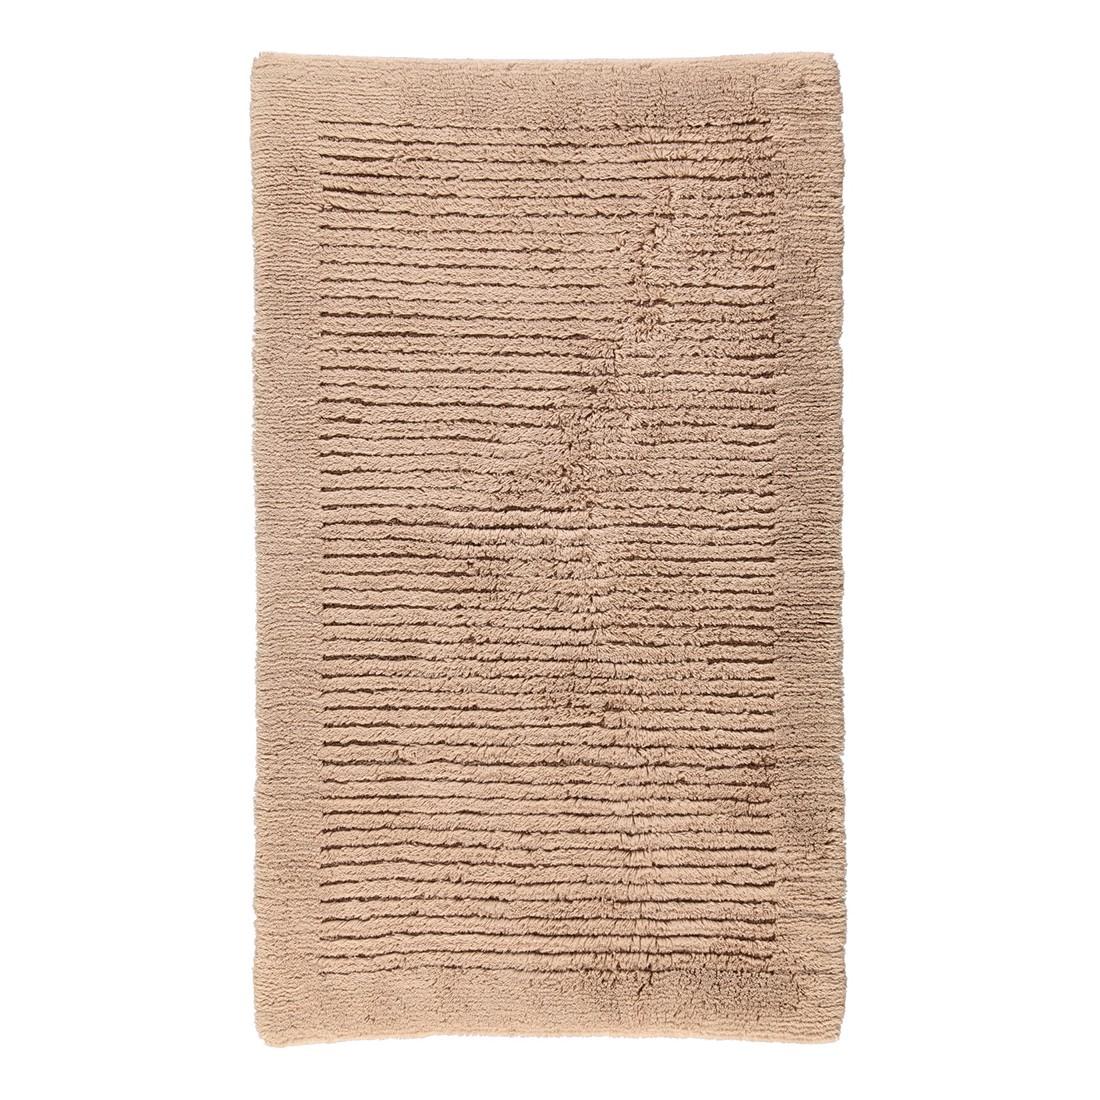 Badteppich Luxus 1002 – 100% Baumwolle Sand – 375 – Abmessungen: 60 x 100 cm, Cawö günstig kaufen